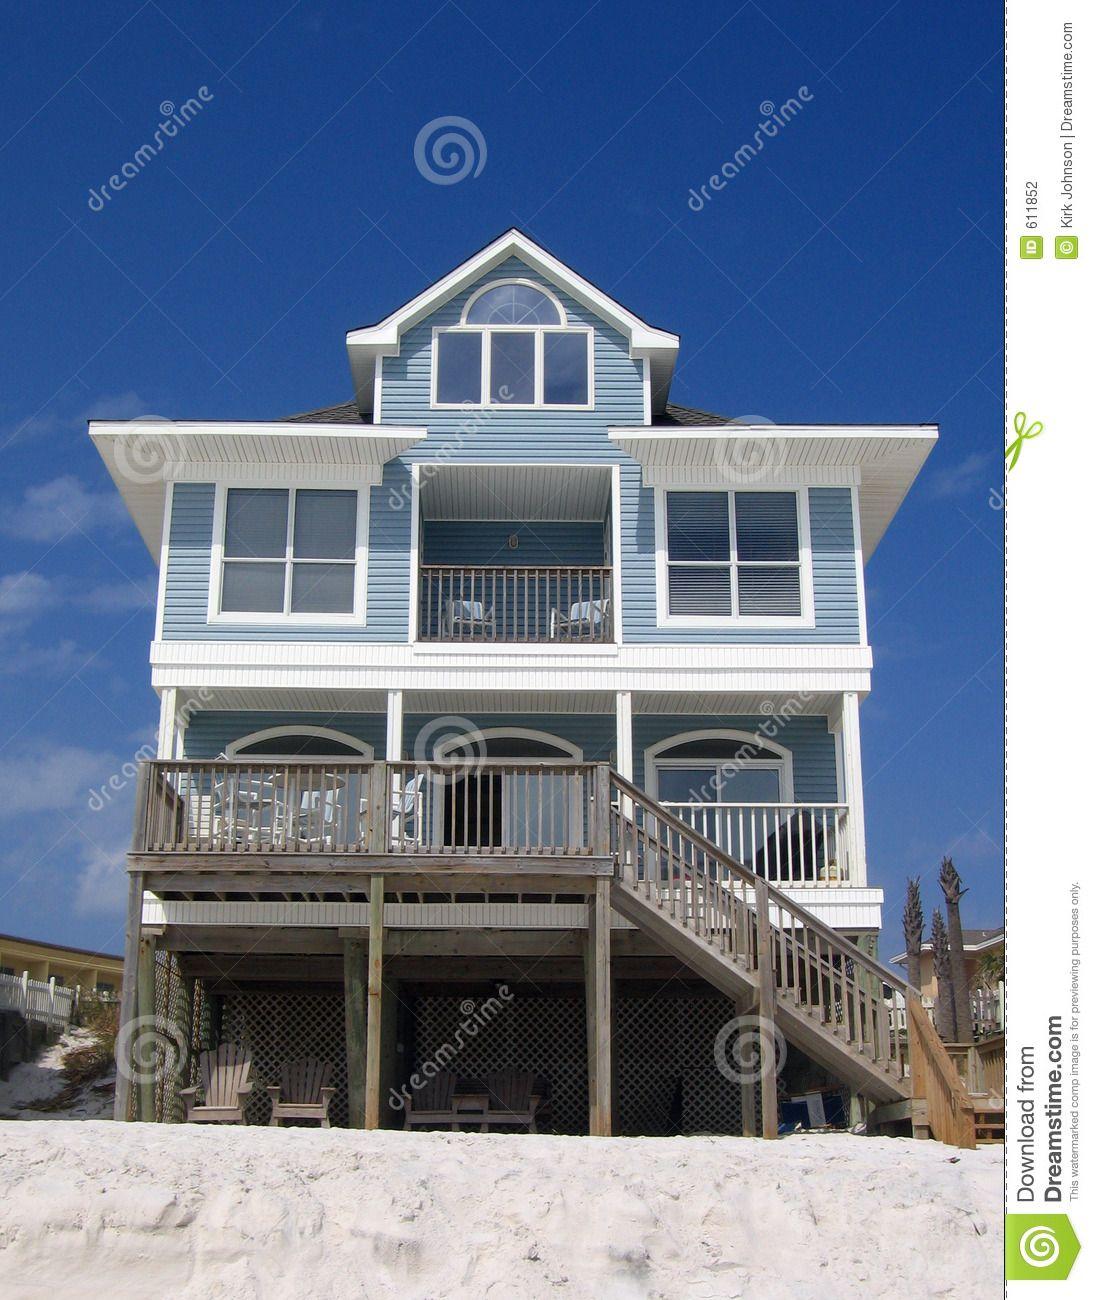 casas en la playa buscar con google casas playa pinterest casas en la playa buscar con google casas playa pinterest hotel california